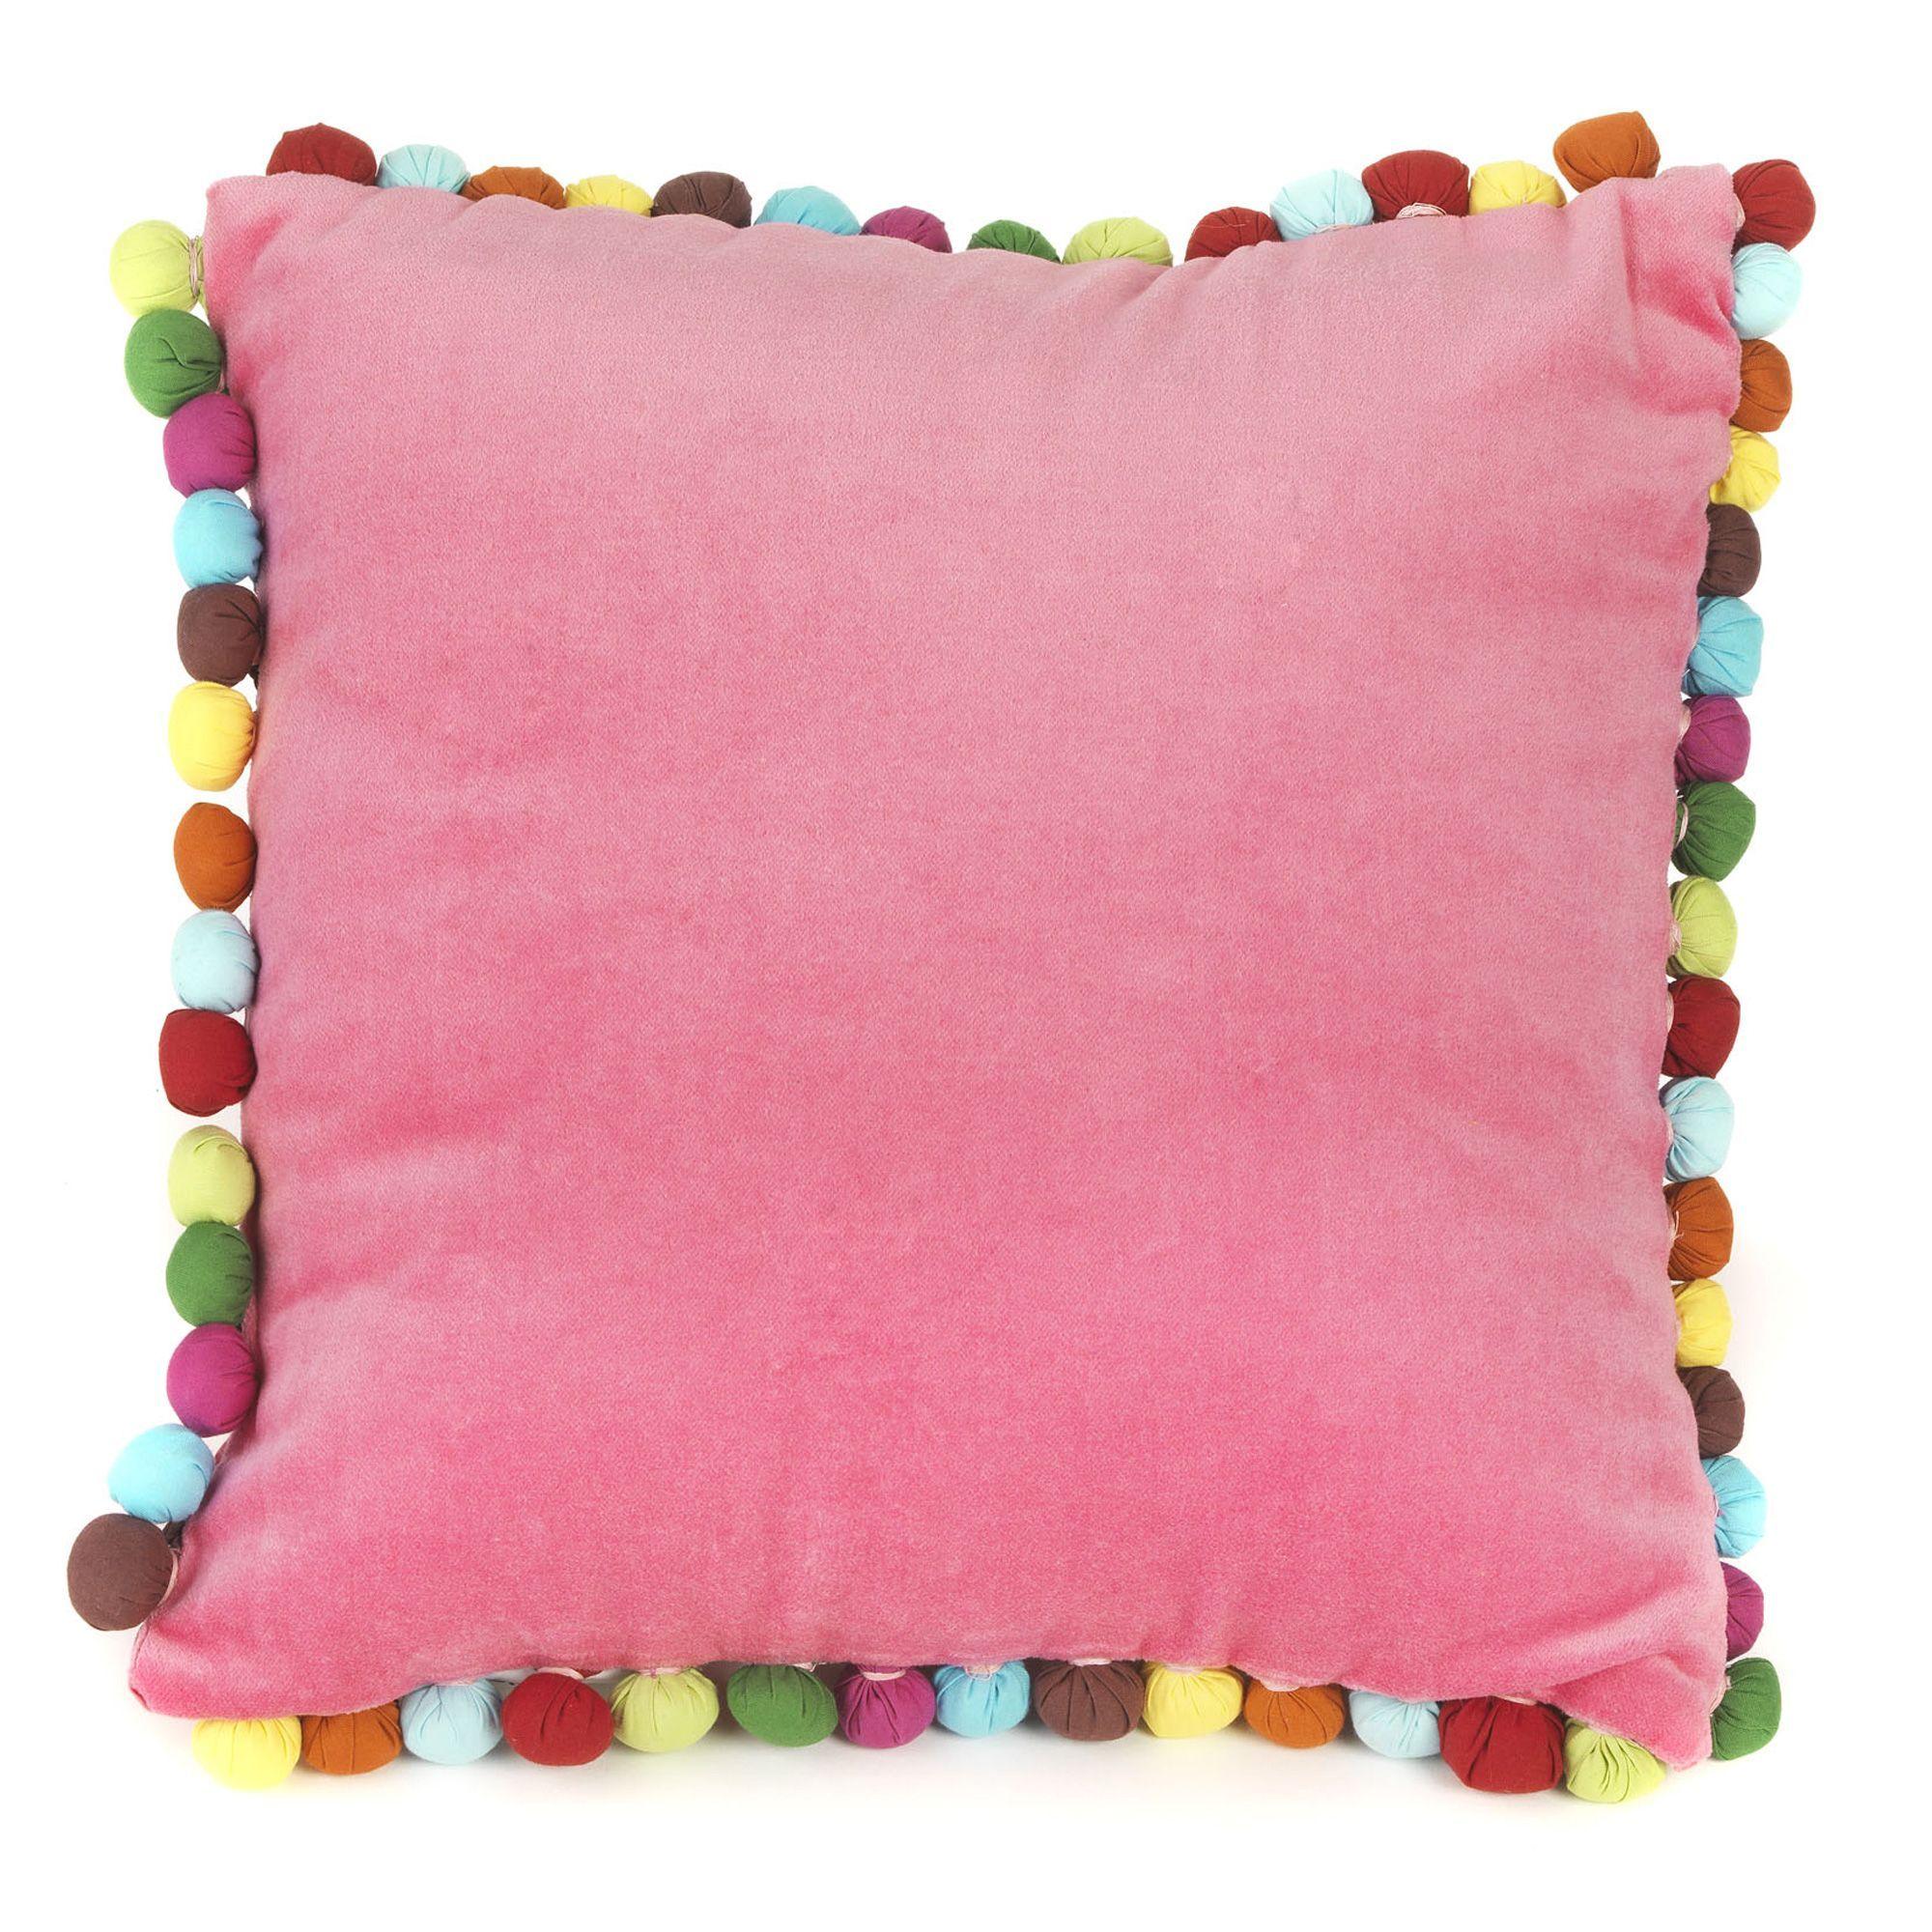 coussin enfant rose pompom les coussins de sol enfants les tapis rideaux et coussins. Black Bedroom Furniture Sets. Home Design Ideas